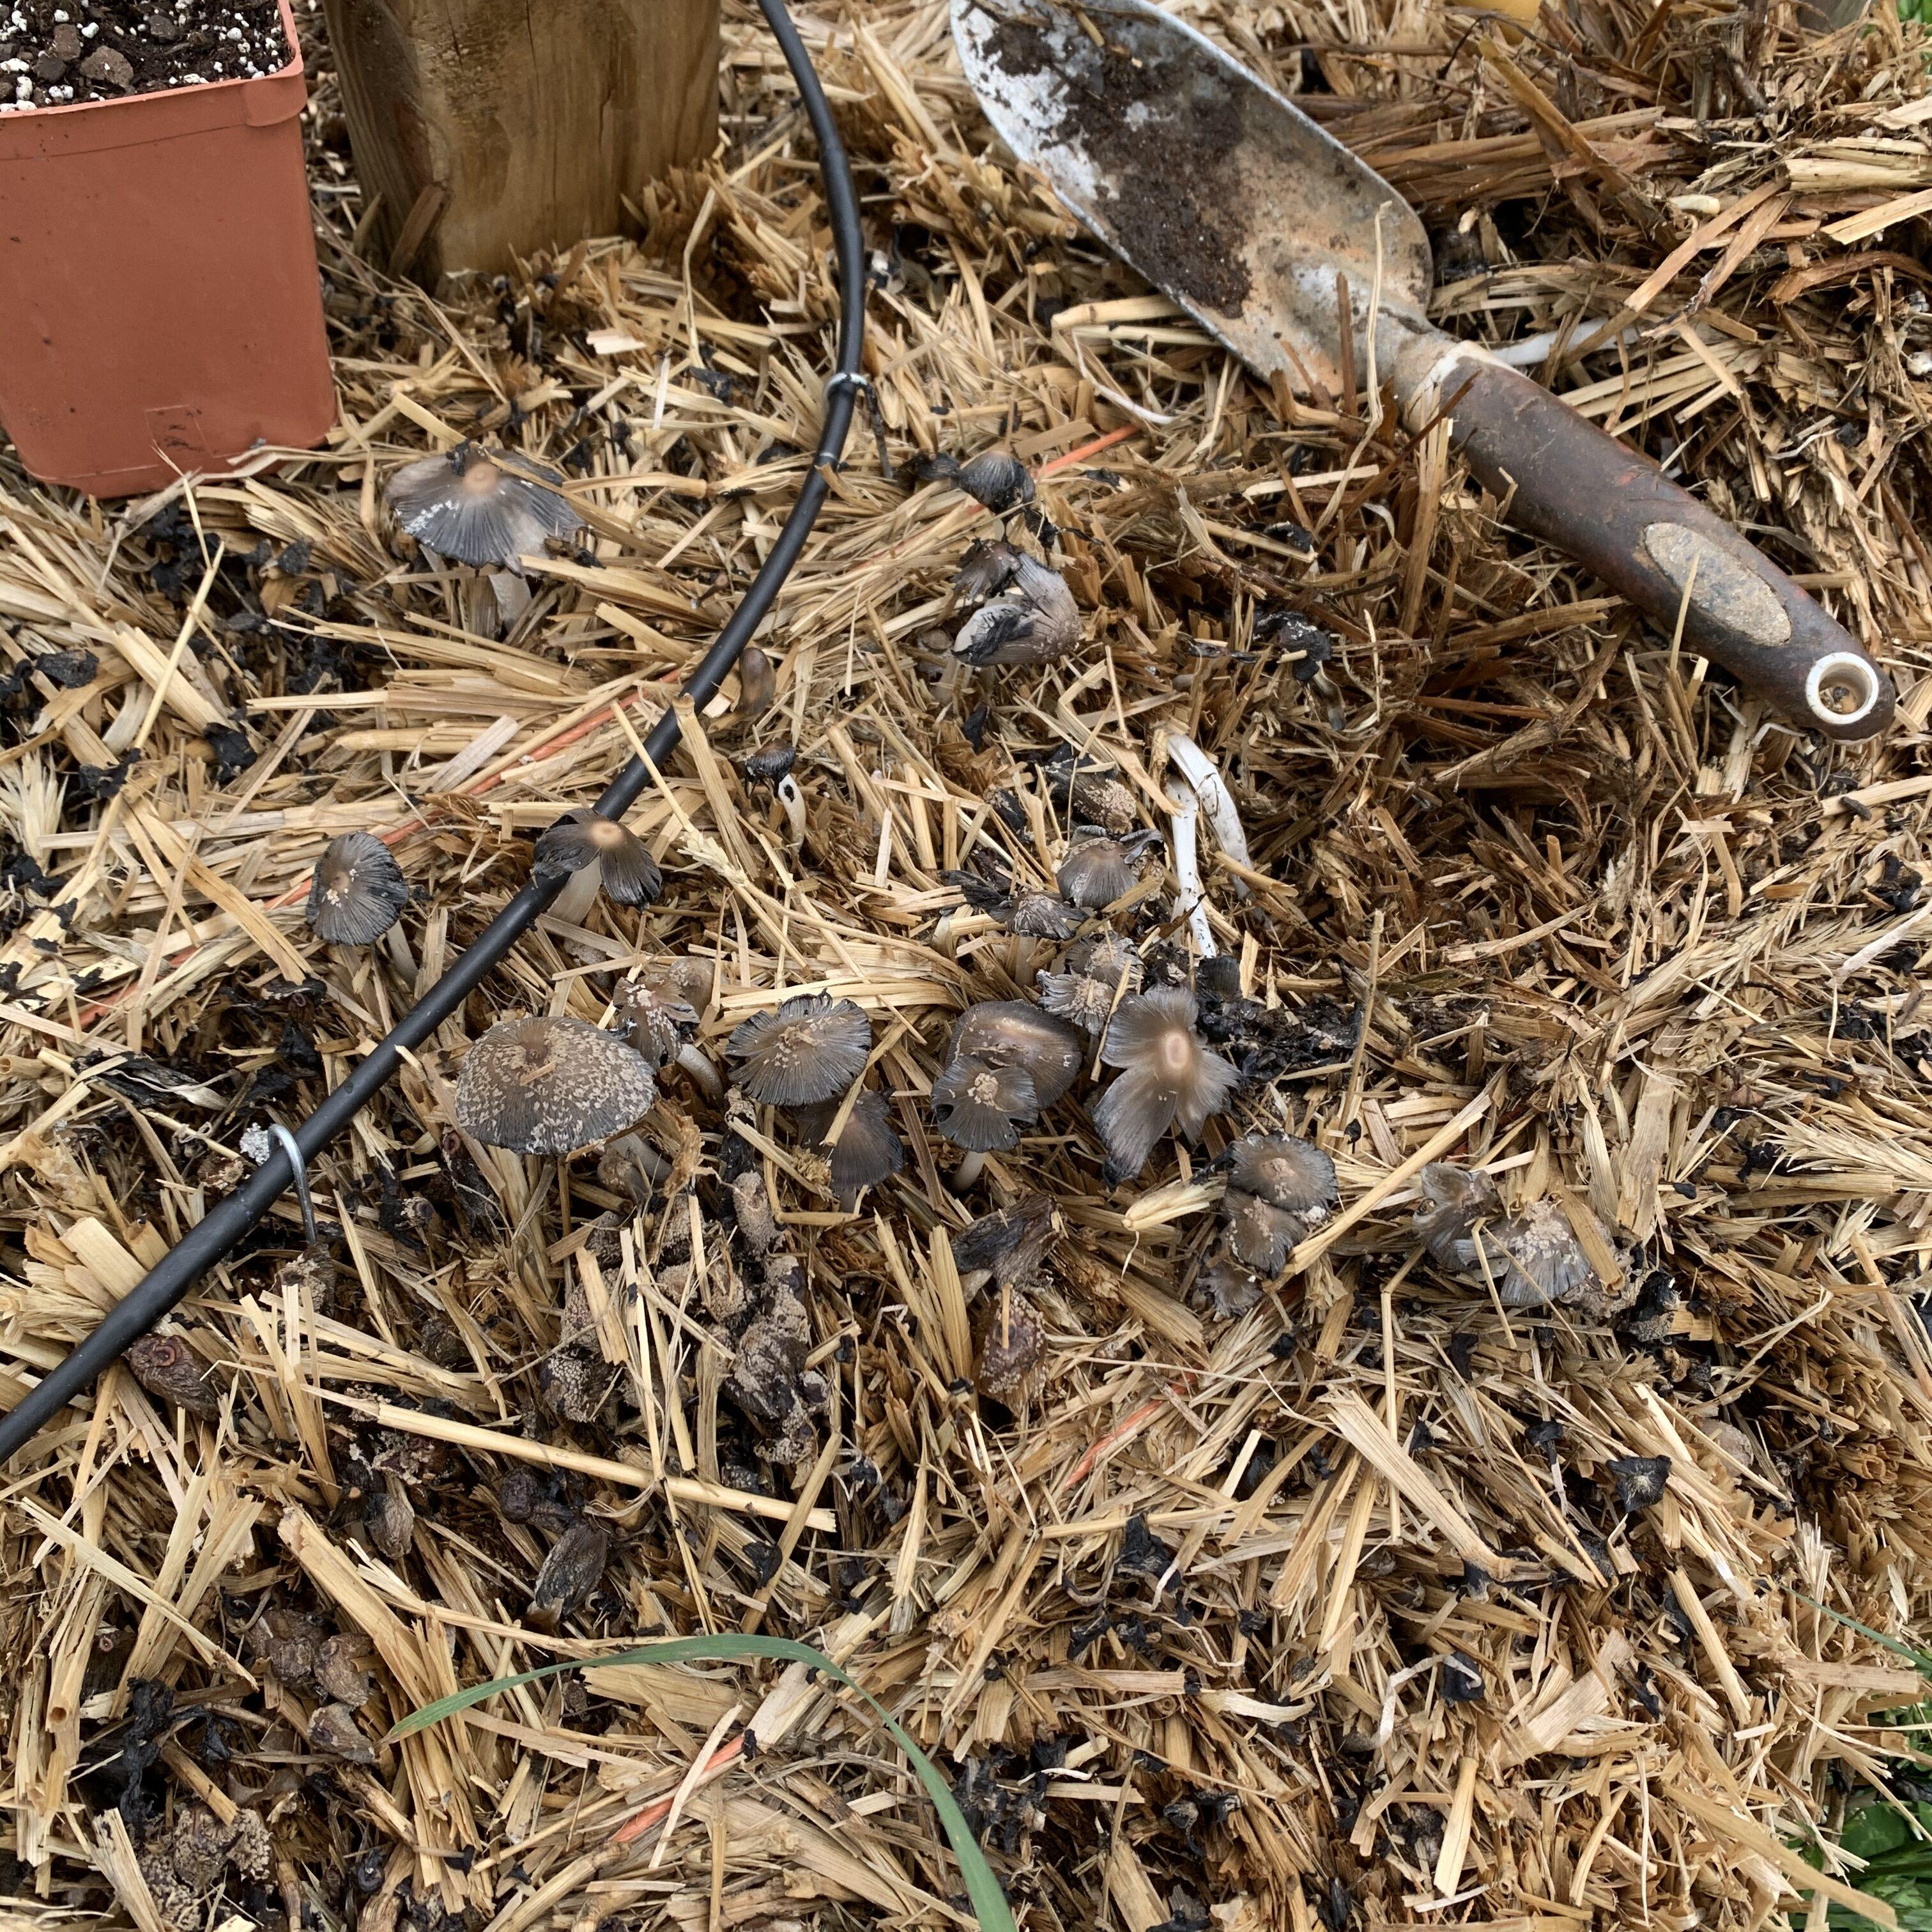 E34E76FB 60F3 4F0E B959 CF52DA587CC1 Tomato planting day!